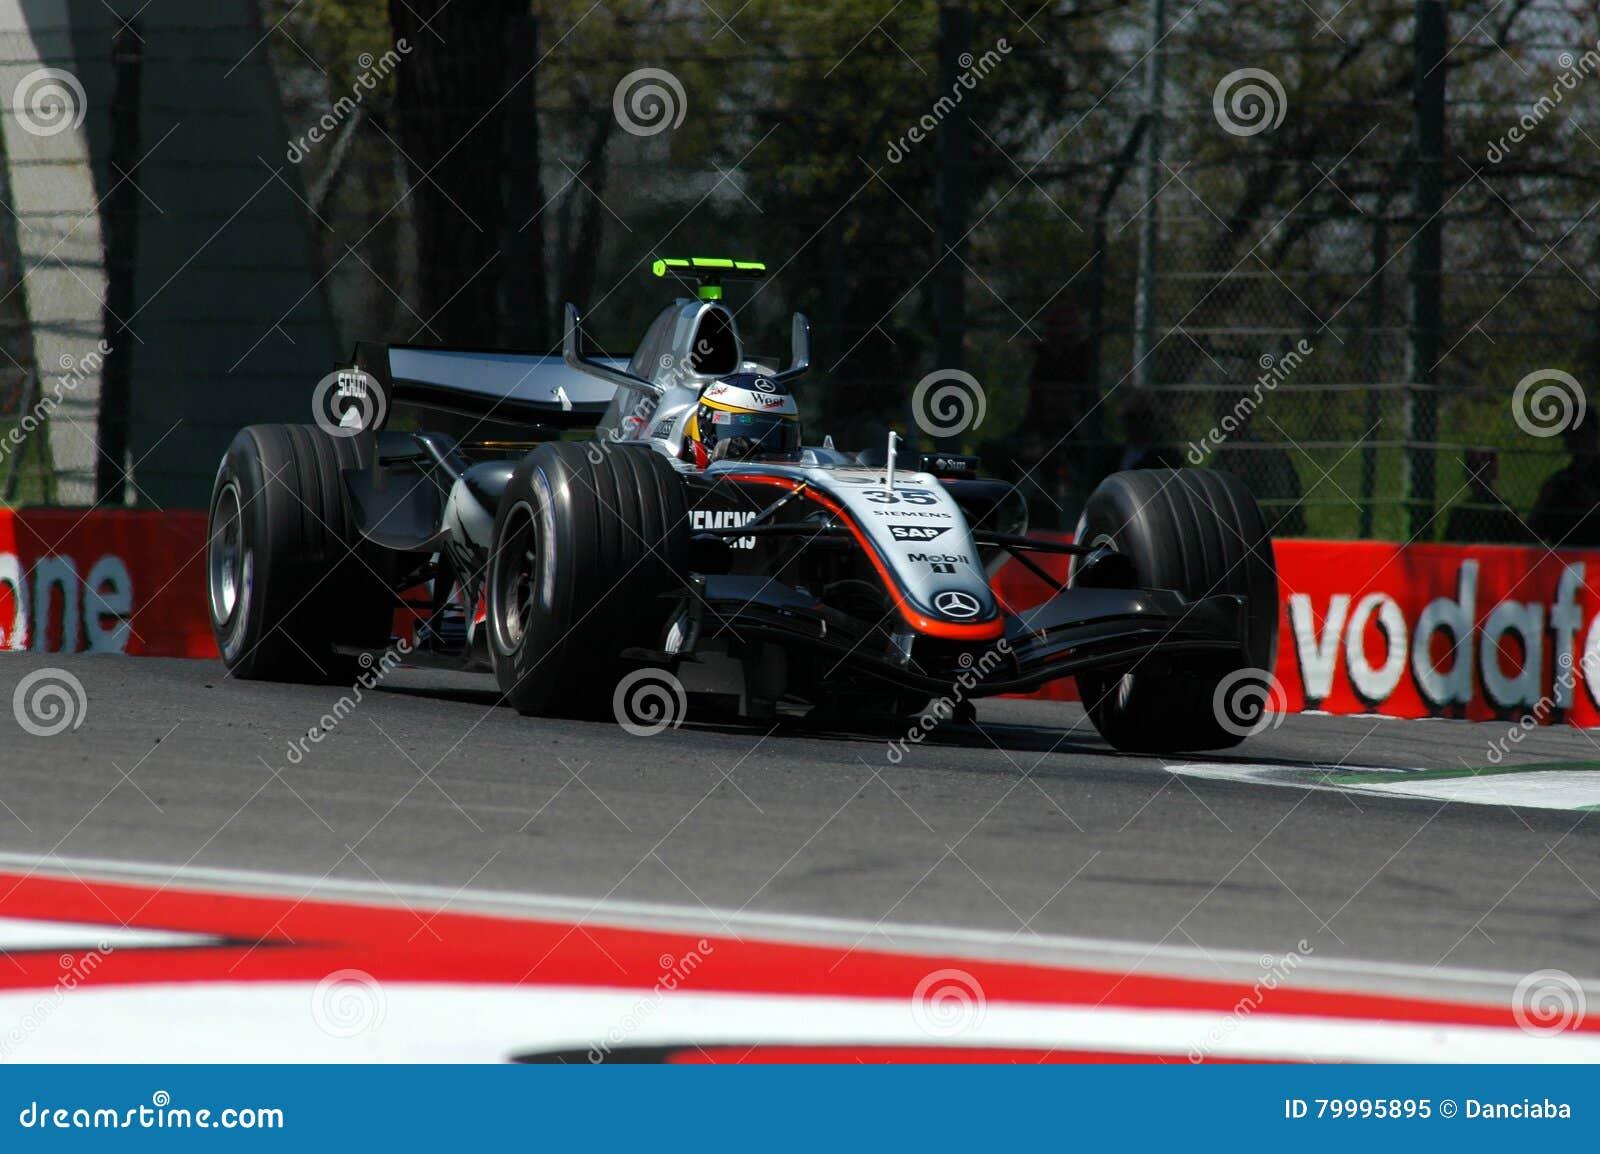 Circuito San Marino : April san marino grand prix of formula one pedro de la